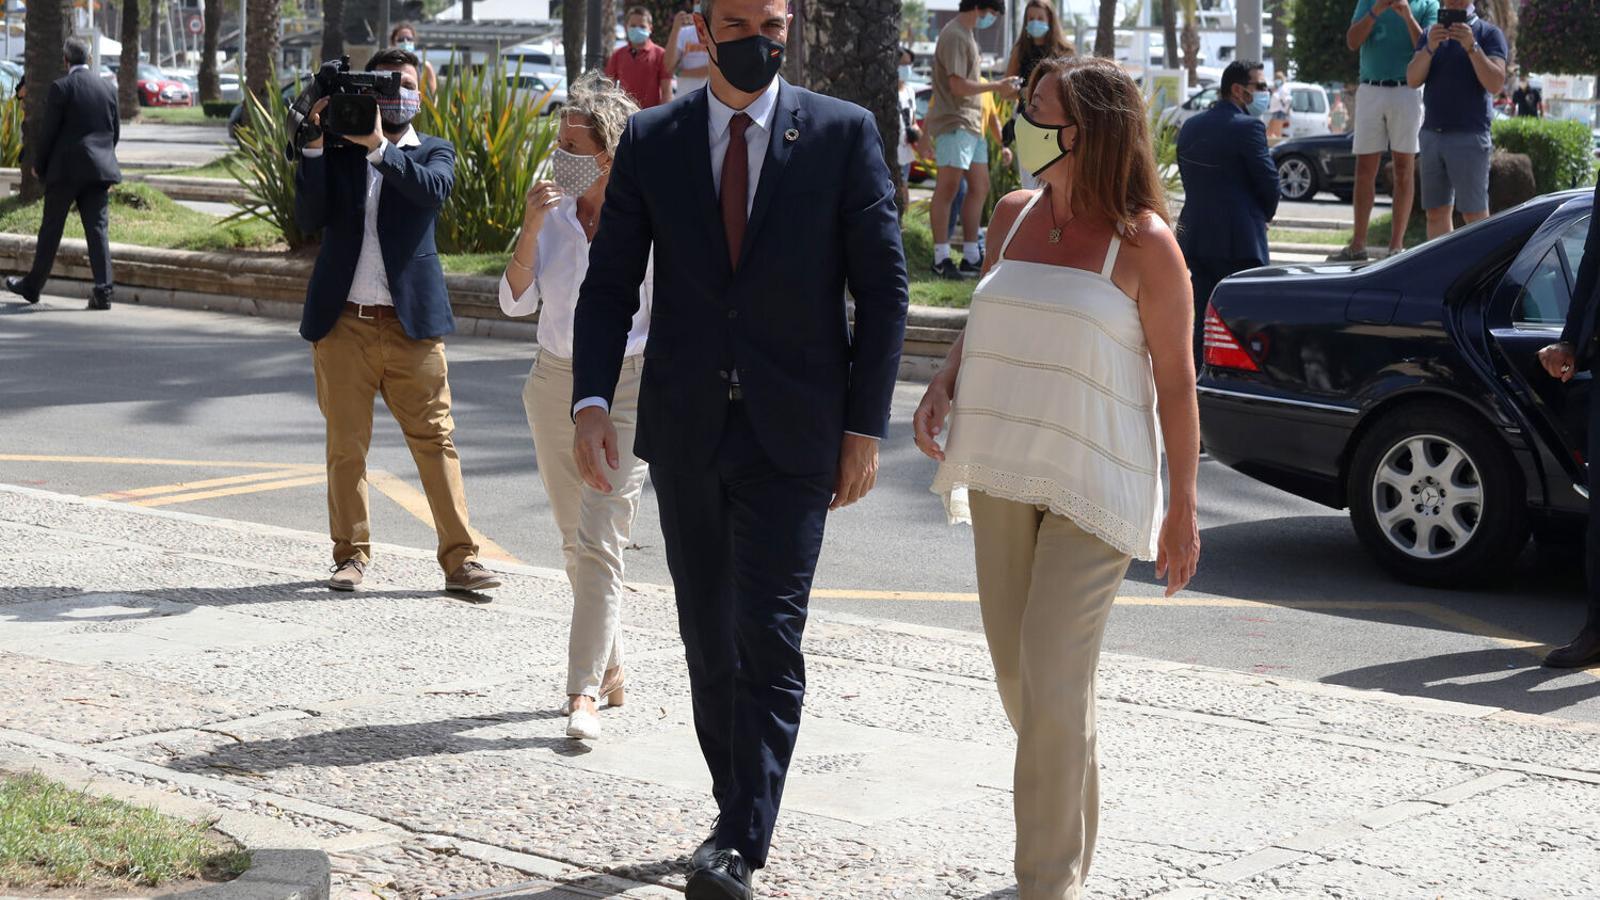 El president del govern espanyol, Pedro Sánchez, i la presidenta del Govern, Francina Armengol